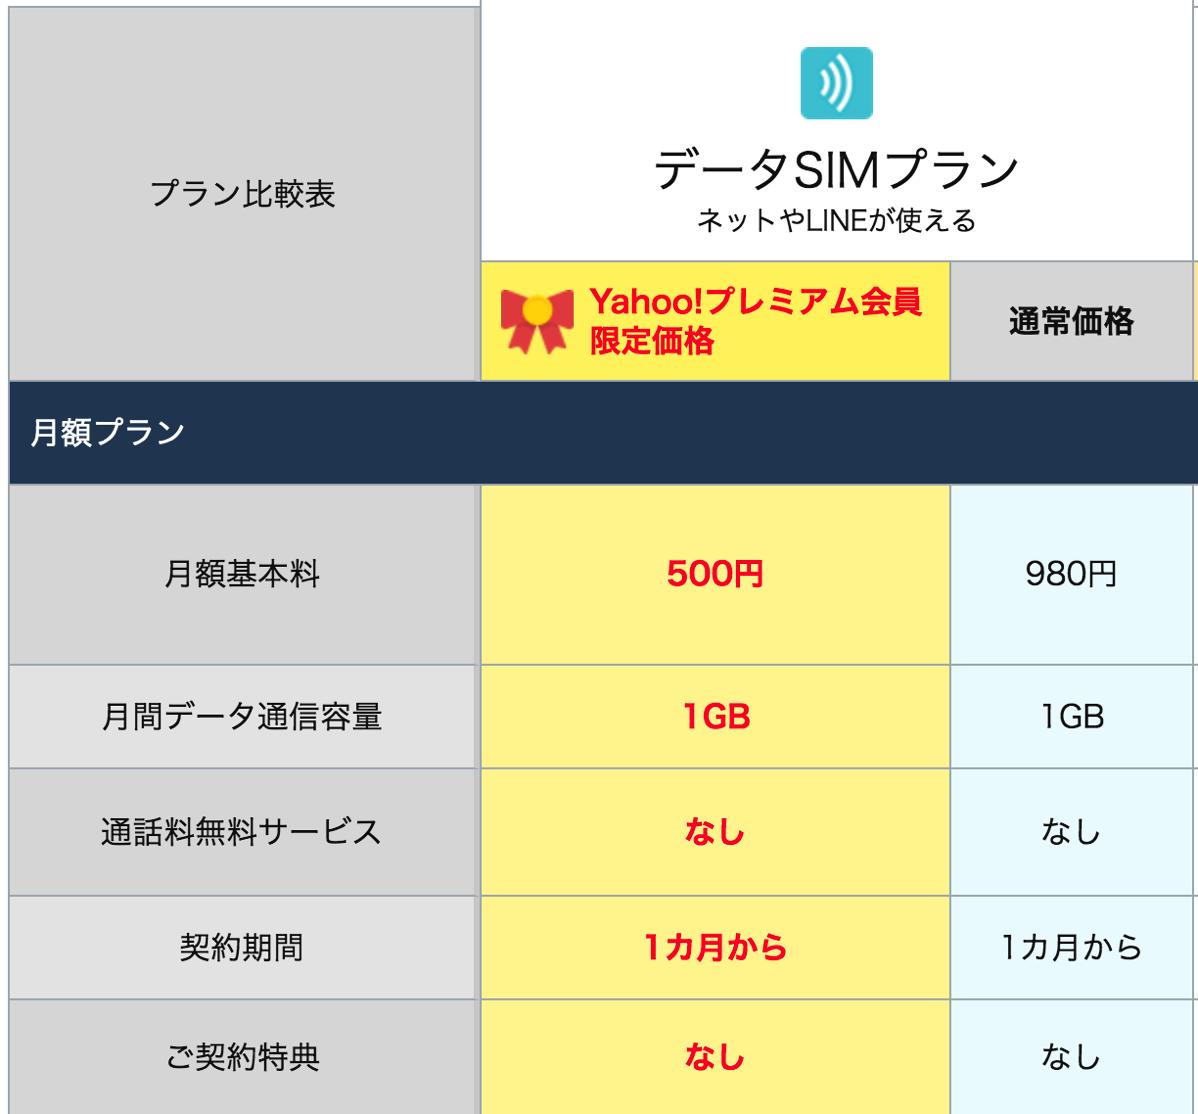 データSIMプラン(Yahoo!プレミアム会員限定価格)